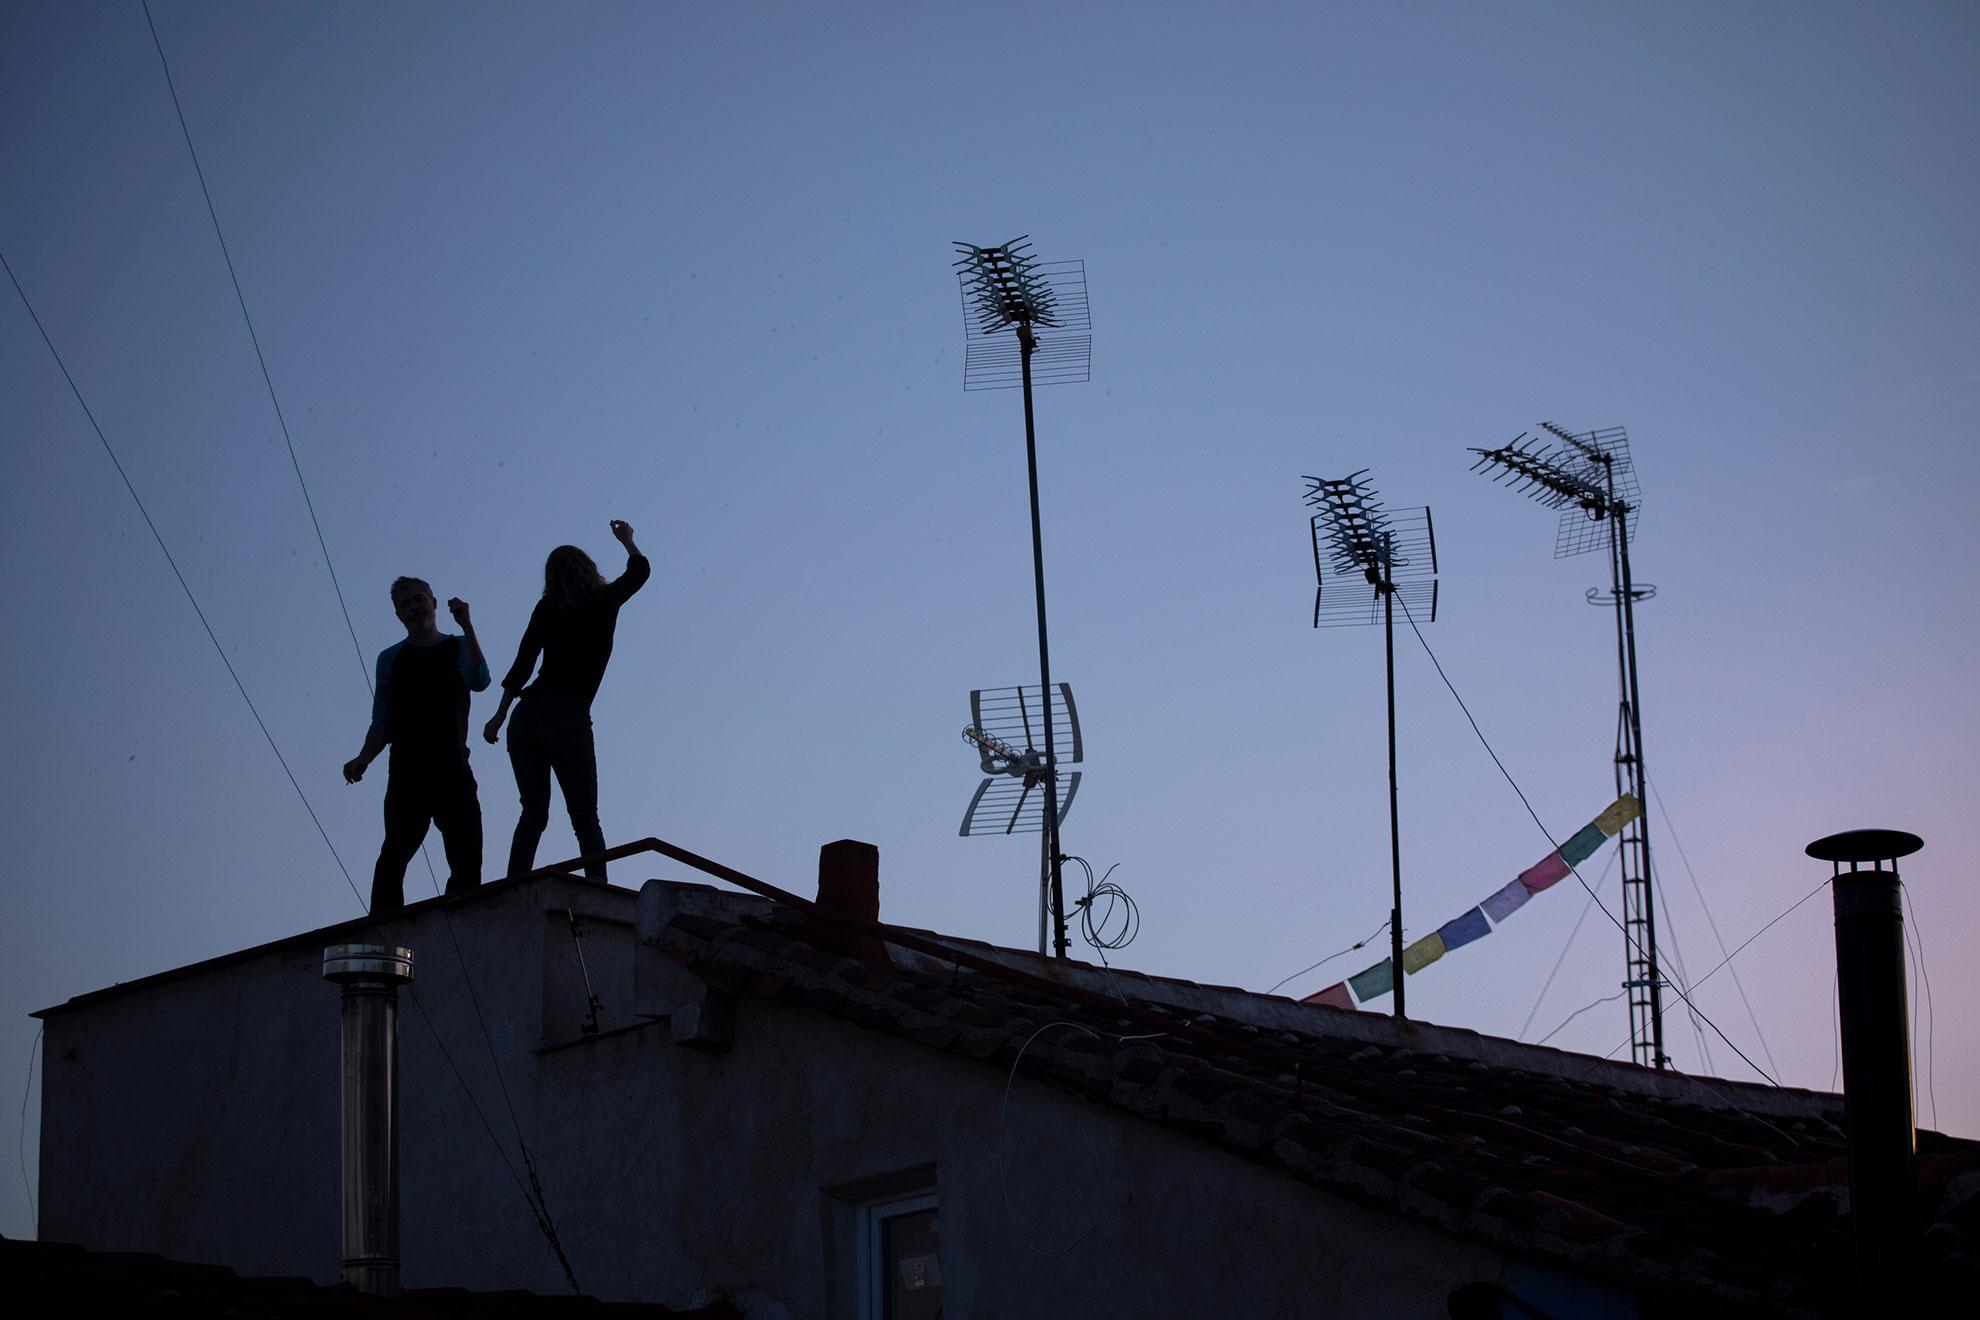 """Bailando sobre los tejados, al son de Joaquín Sabina, los vecinos de Lavapiés escapan del confinamiento durante unos minutos. Todos los domingos, después de los aplausos de las ocho, Gabriel saca la guitarra a su balcón de la calle del Olmo y toca un par de canciones. Los vecinos ya lo saben, y esperan a que empiece el concierto. Ayer interpretó """"Pongamos que hablo de Madrid"""", esa ciudad donde las niñas ya no quieren ser princesas, prefieren subir al tejado y bailar, esperando que el distanciamiento social que ha impuesto el Covid-19 acabe de una vez y la vida vuelva a inundar las calles. ."""